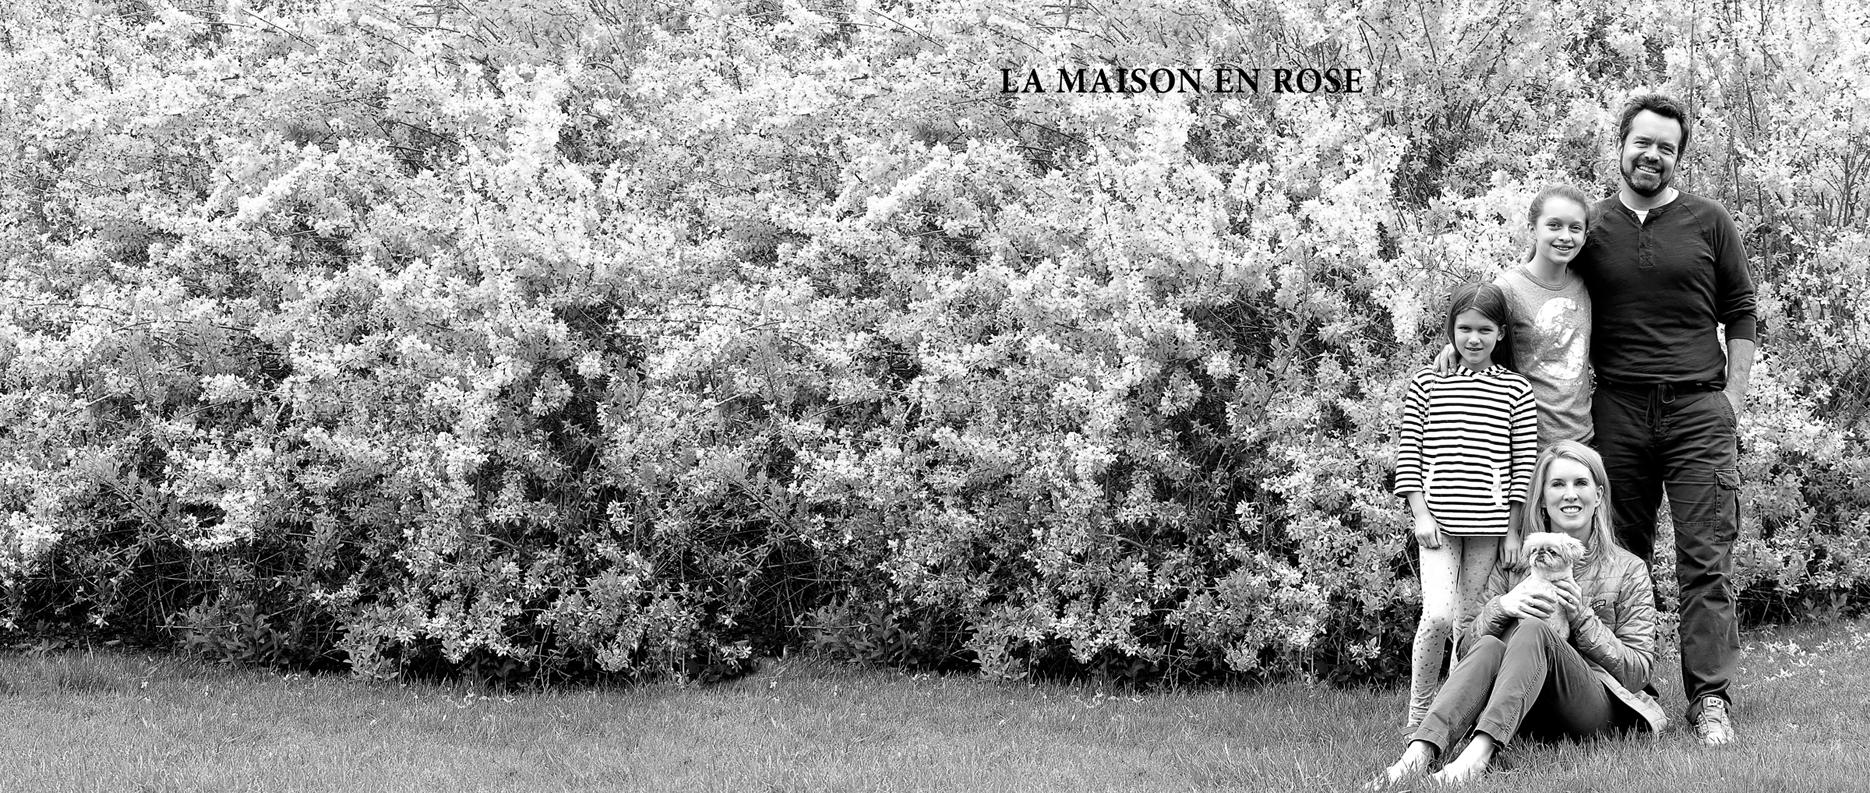 LA MAISON EN ROSE Cover_BW.jpg